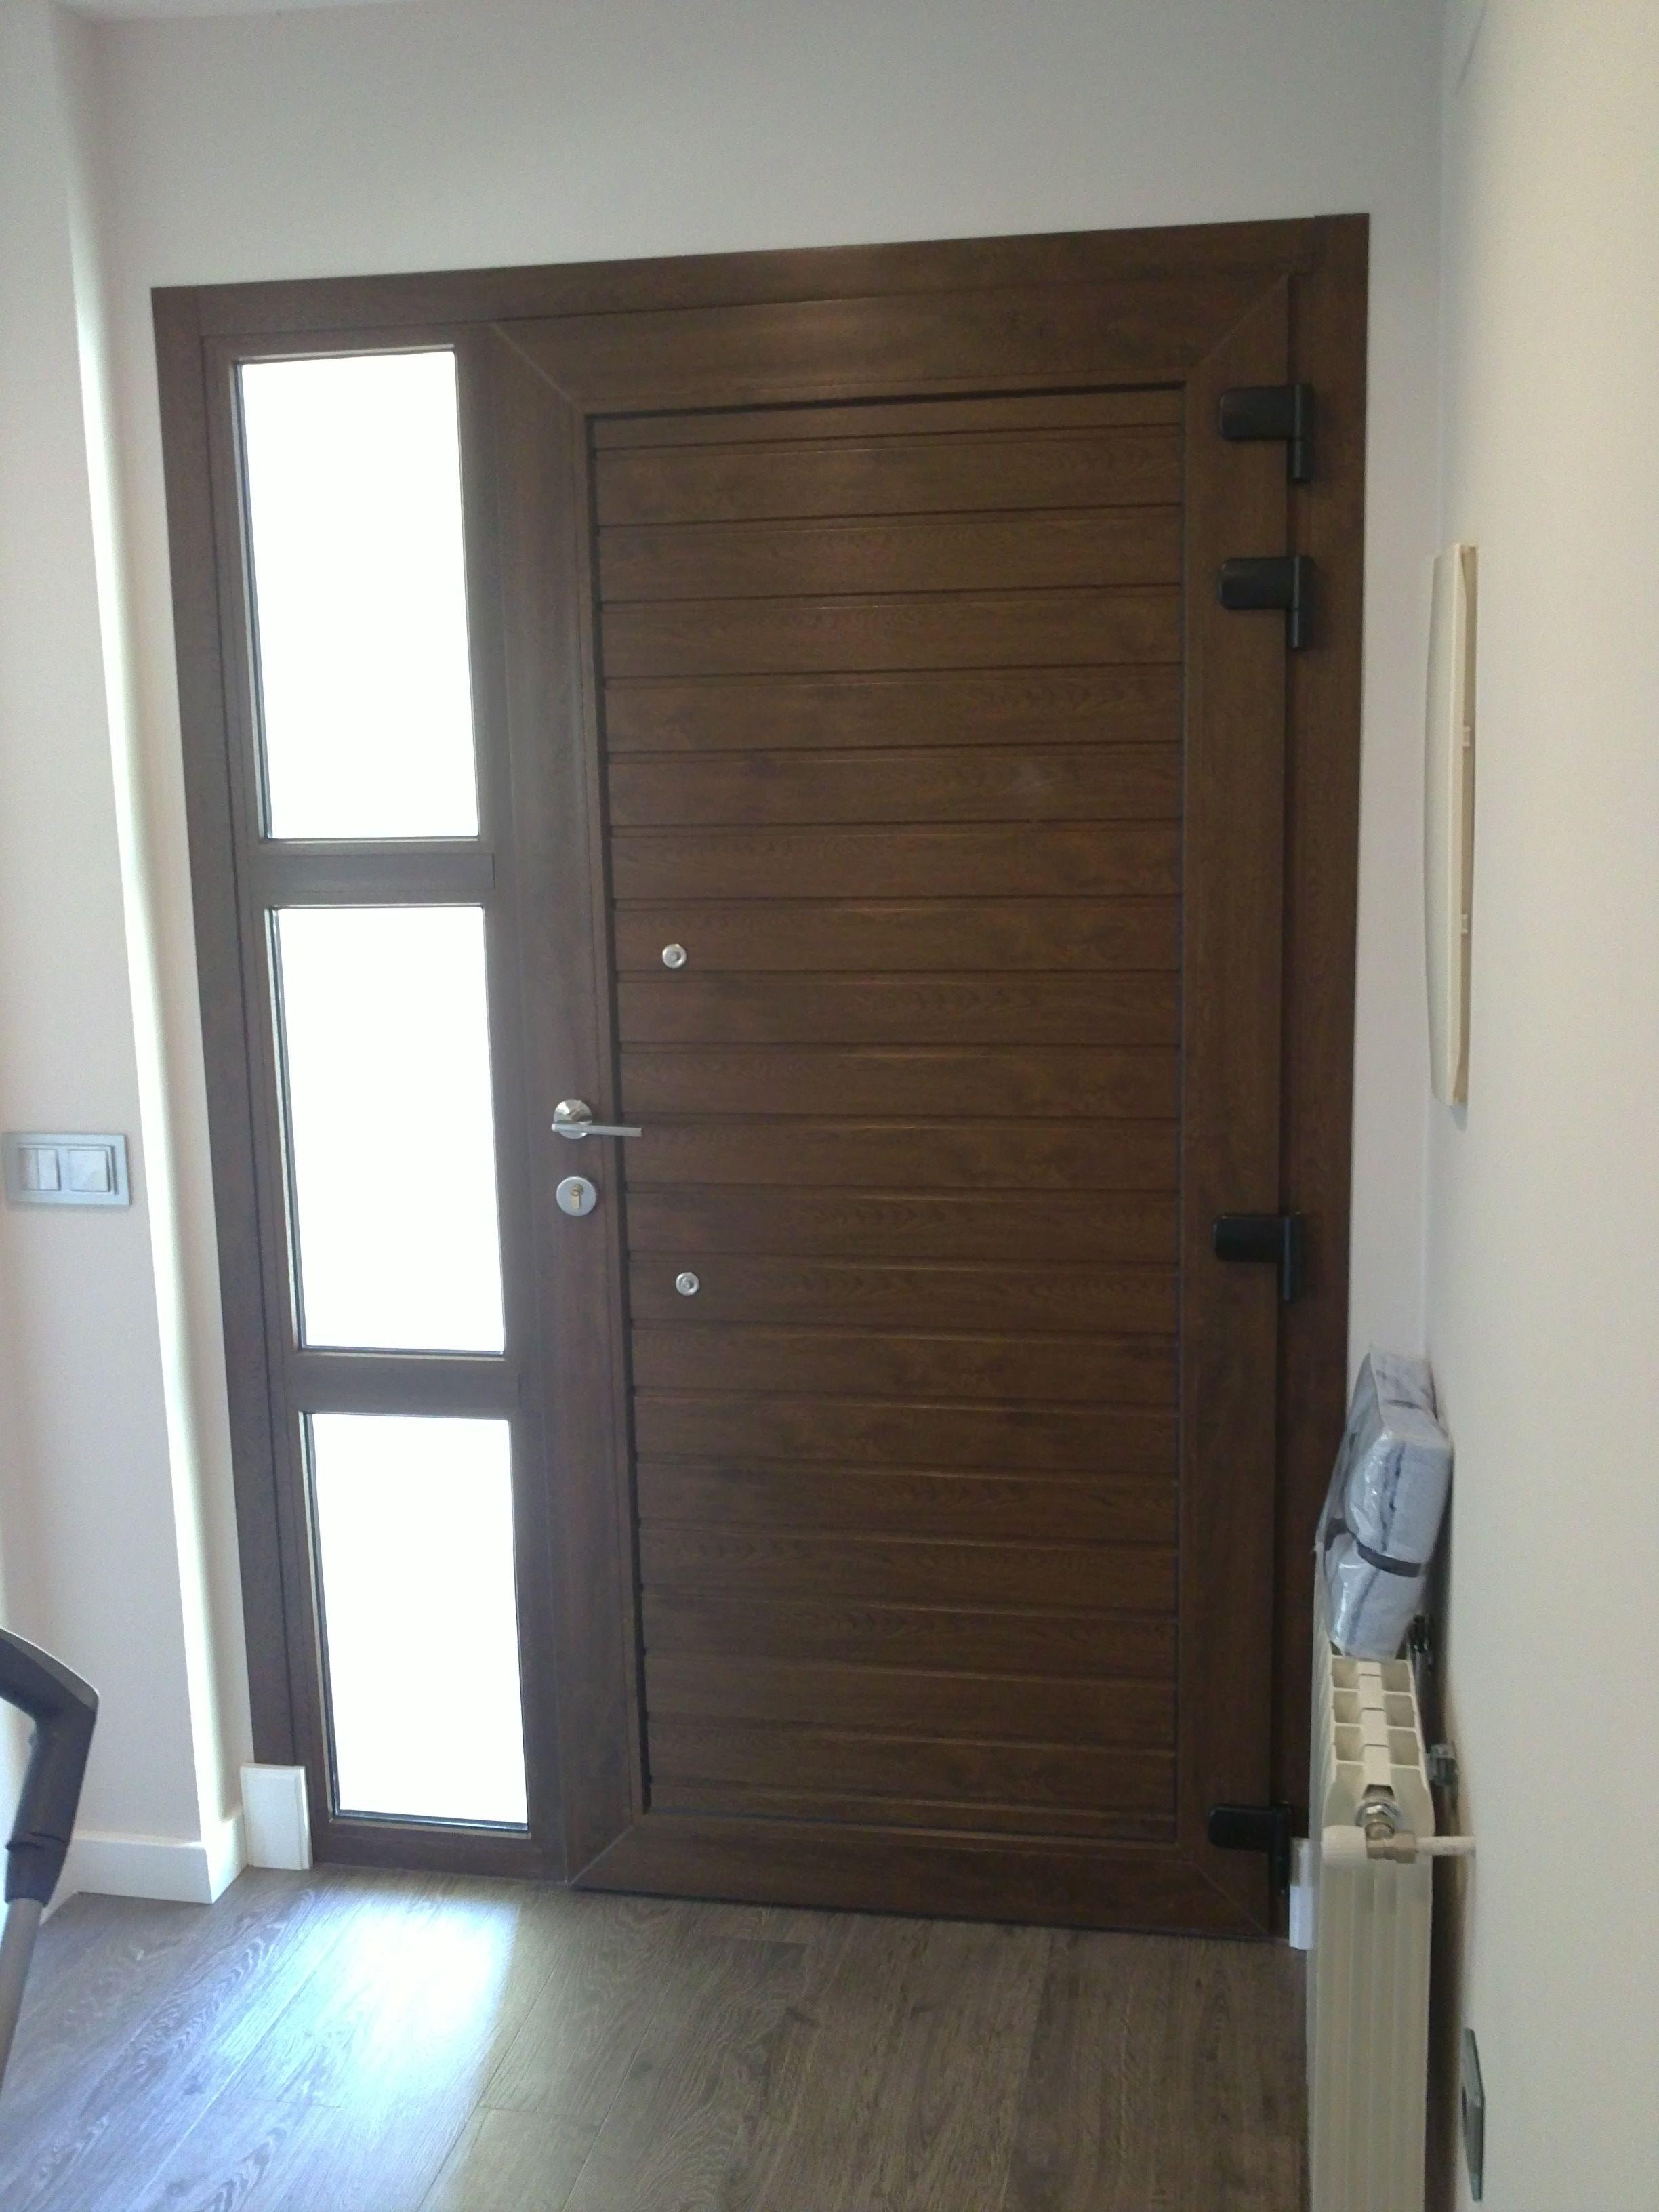 Trasera de puerta exterior en alum nio nogal con fijo for Puertas de exterior